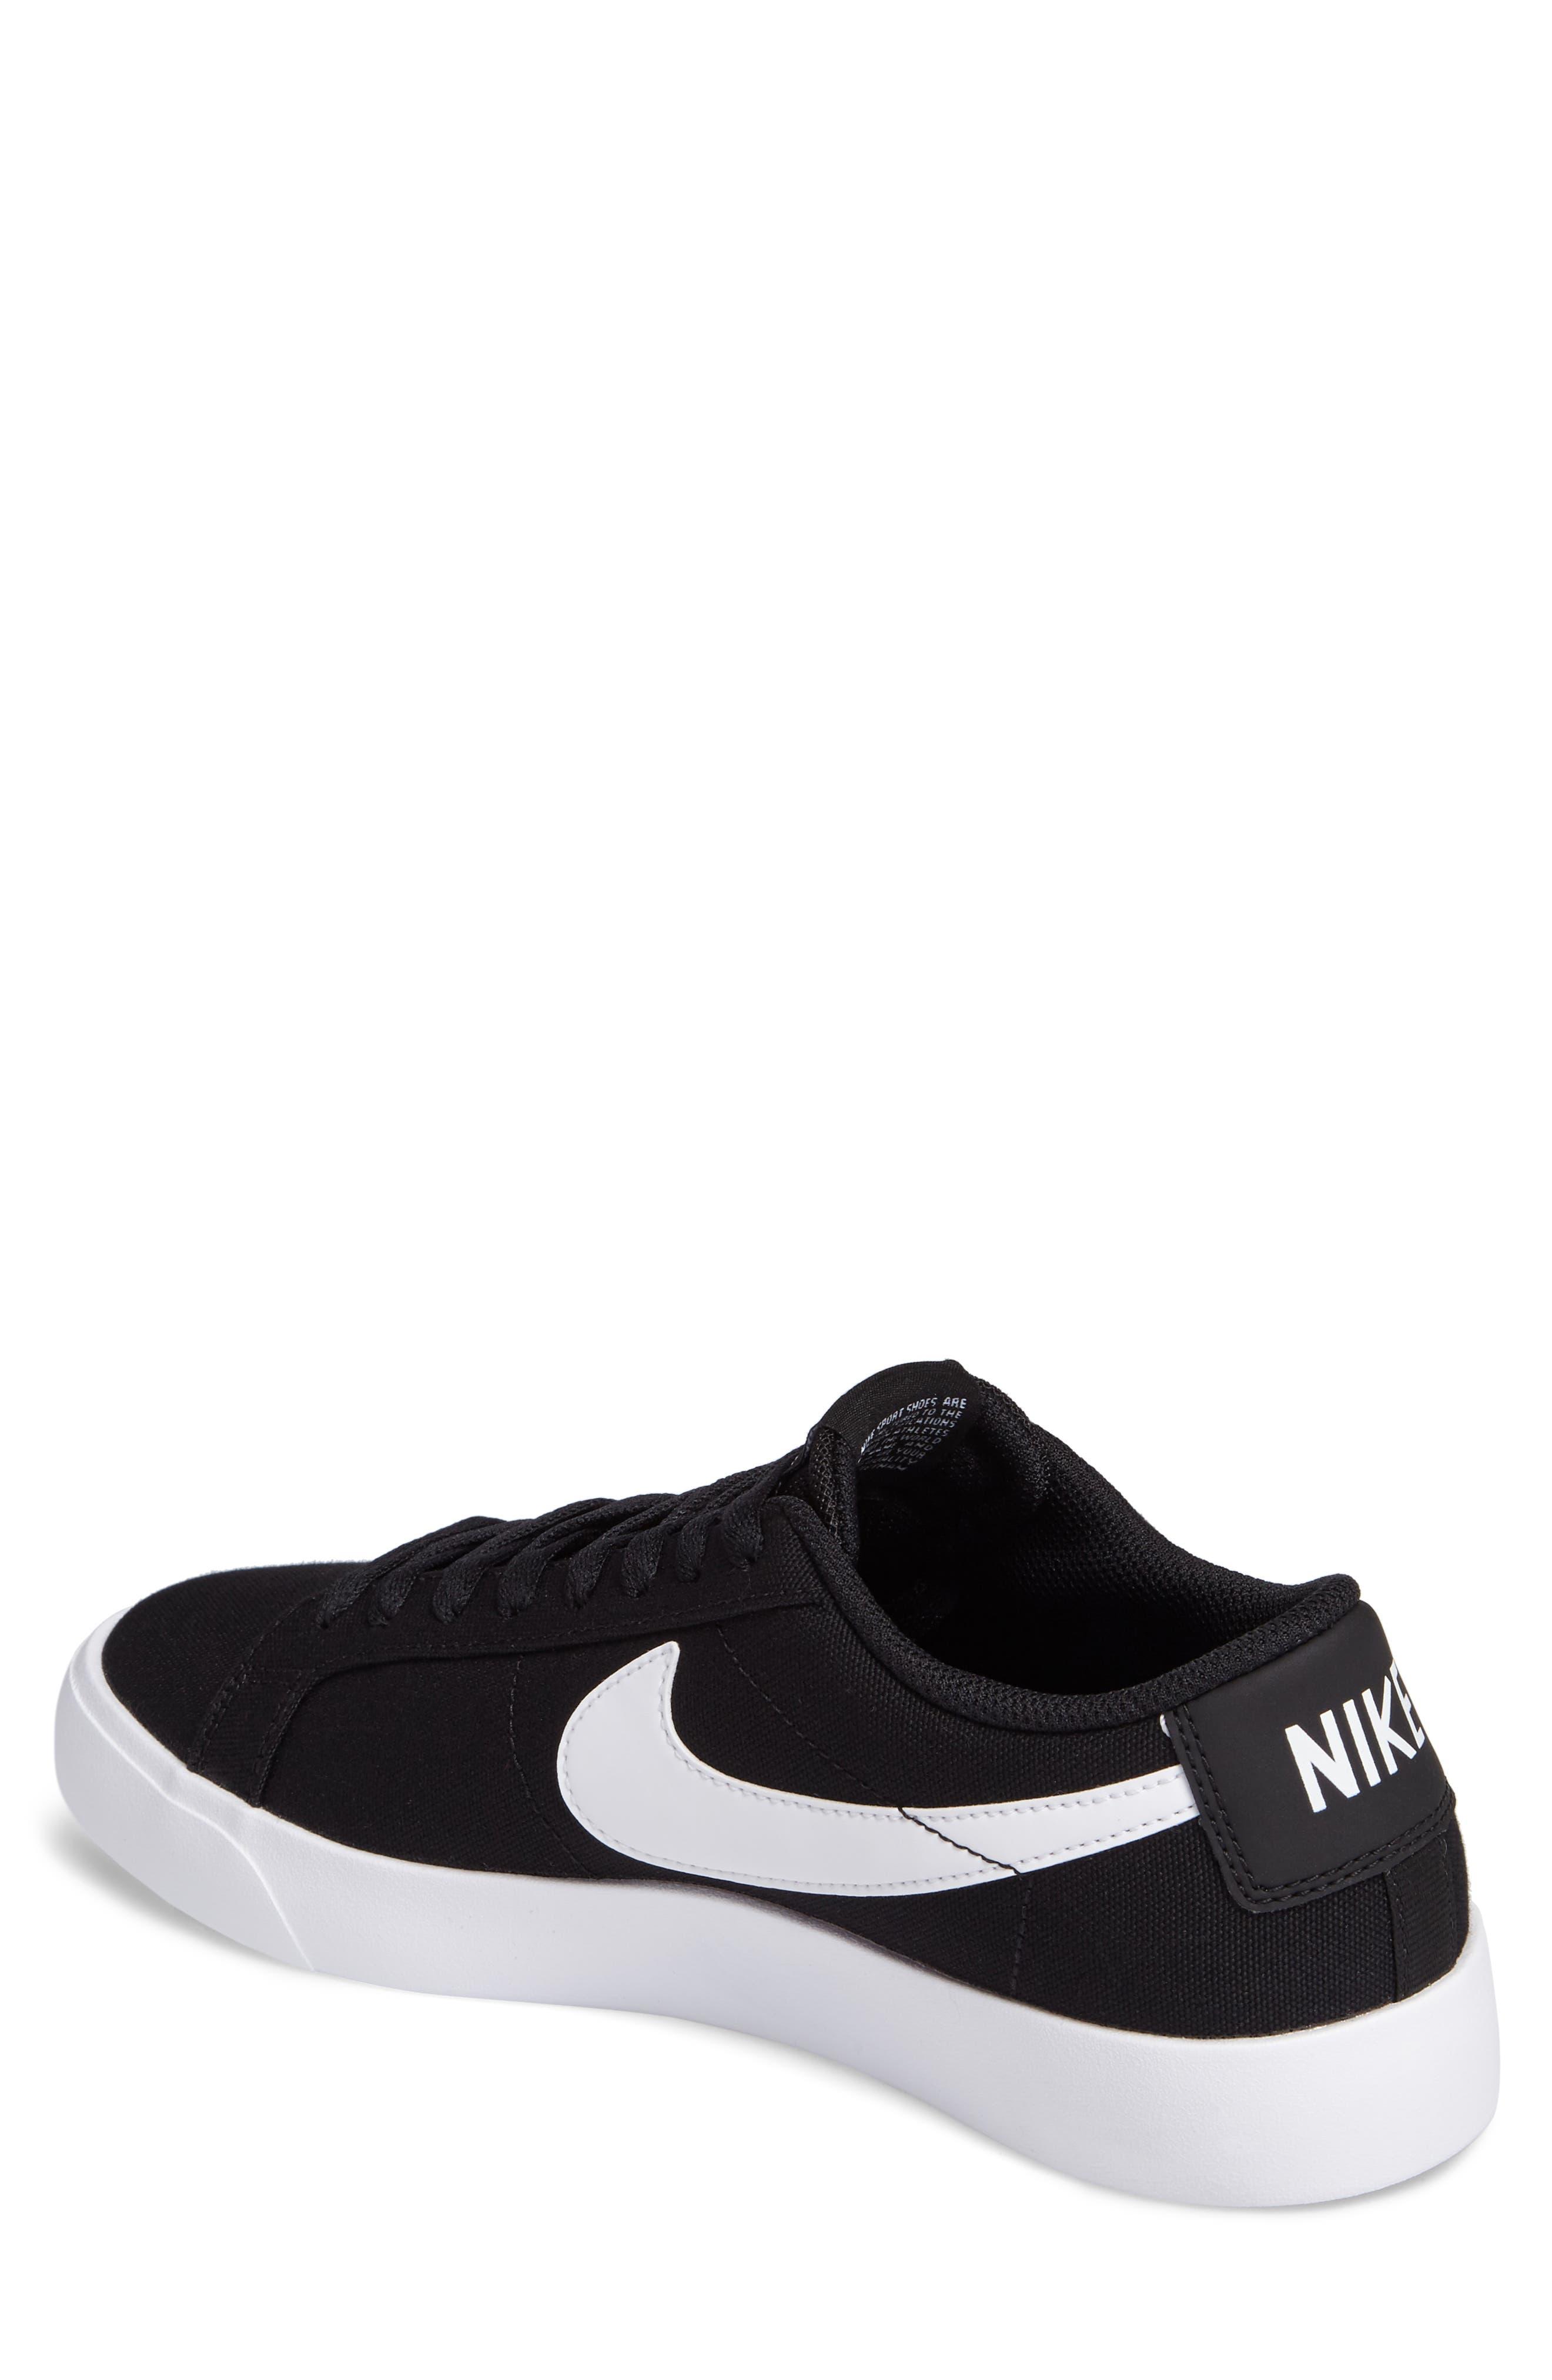 Alternate Image 2  - Nike Zoom Blazer Vapor Skate Sneaker (Men)